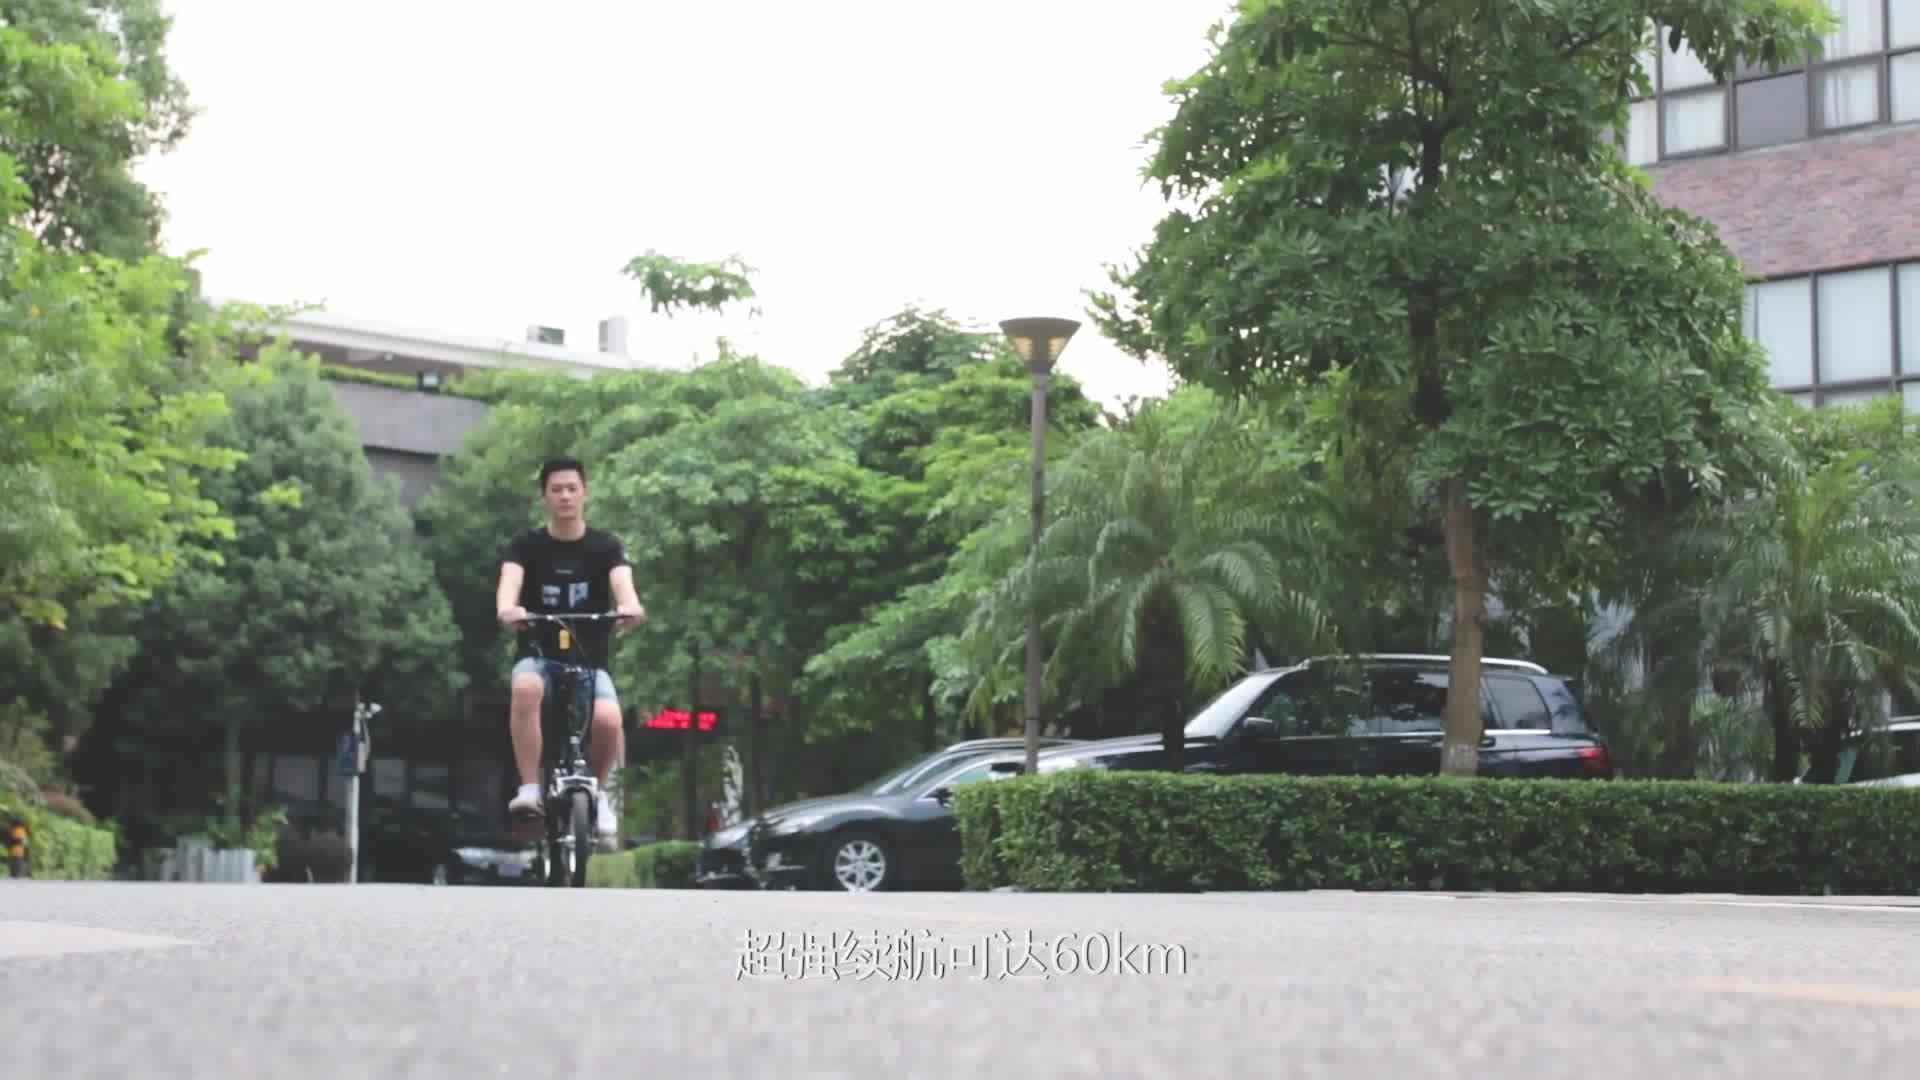 저렴한 산악 접이식 탄소 도로 포켓 헬기 전기 접이식 자전거